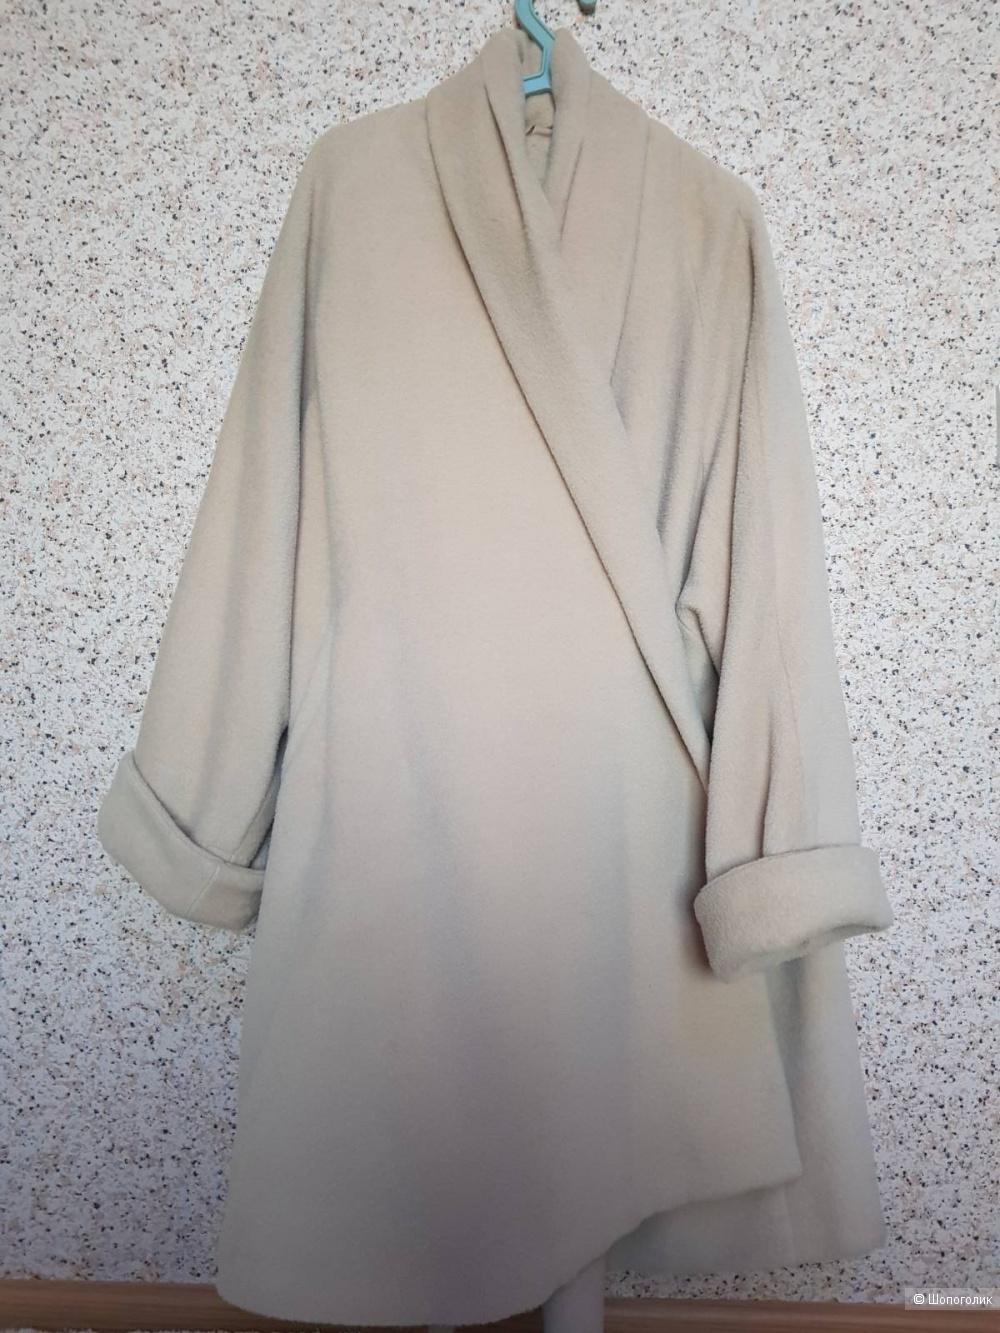 Пальто Marella из альпаки,размер S